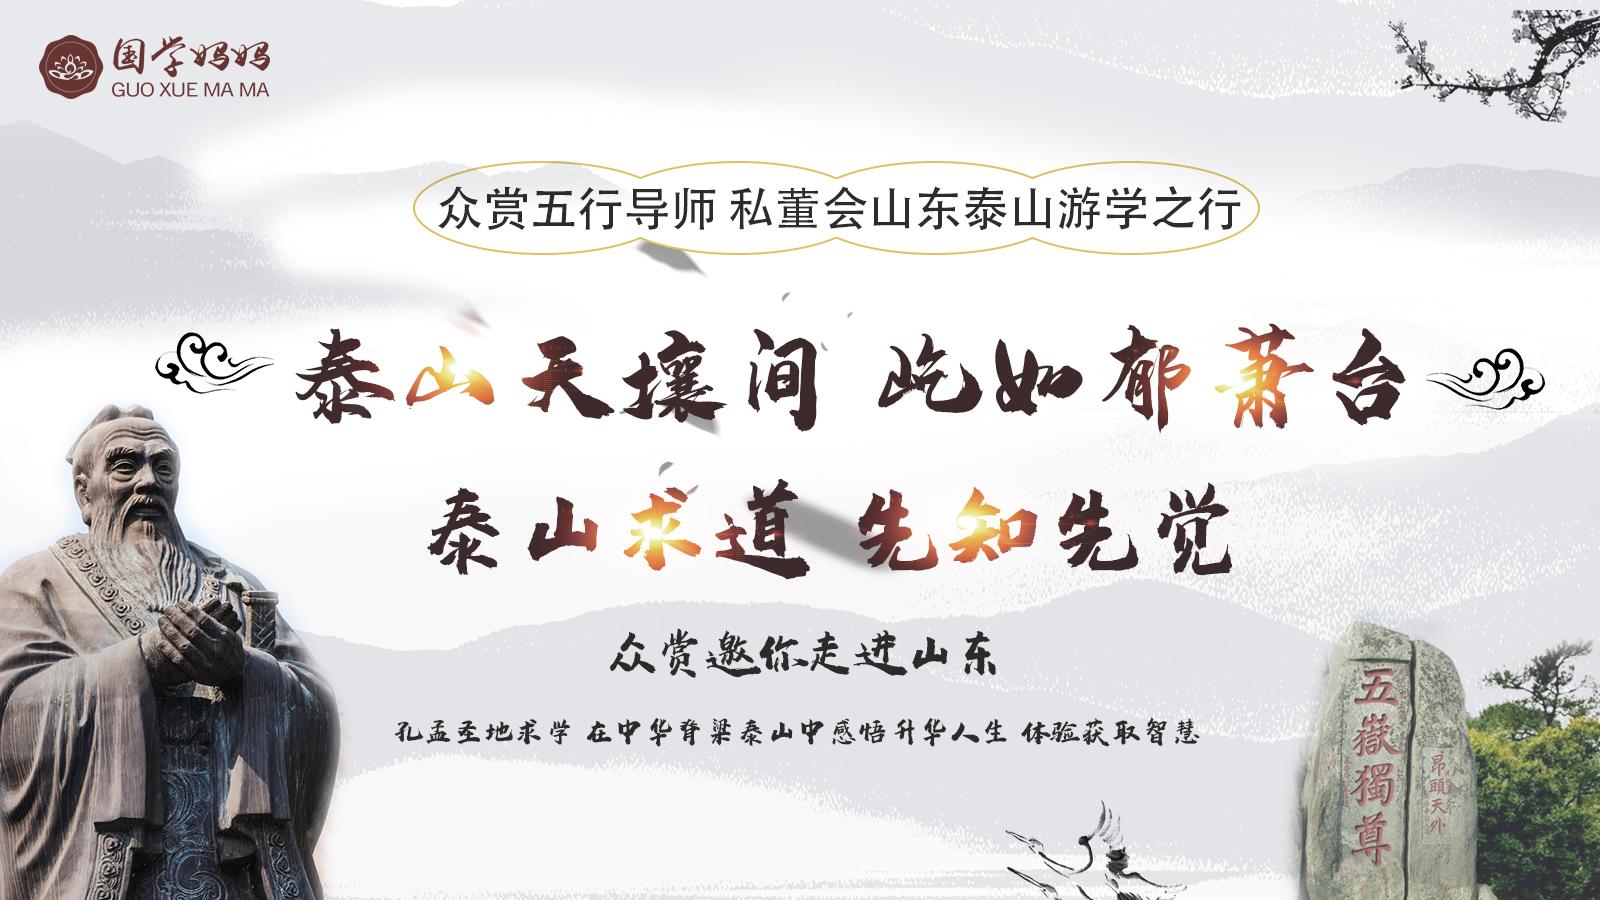 众赏五行导师,私董会山东泰山游学之行即将启程!